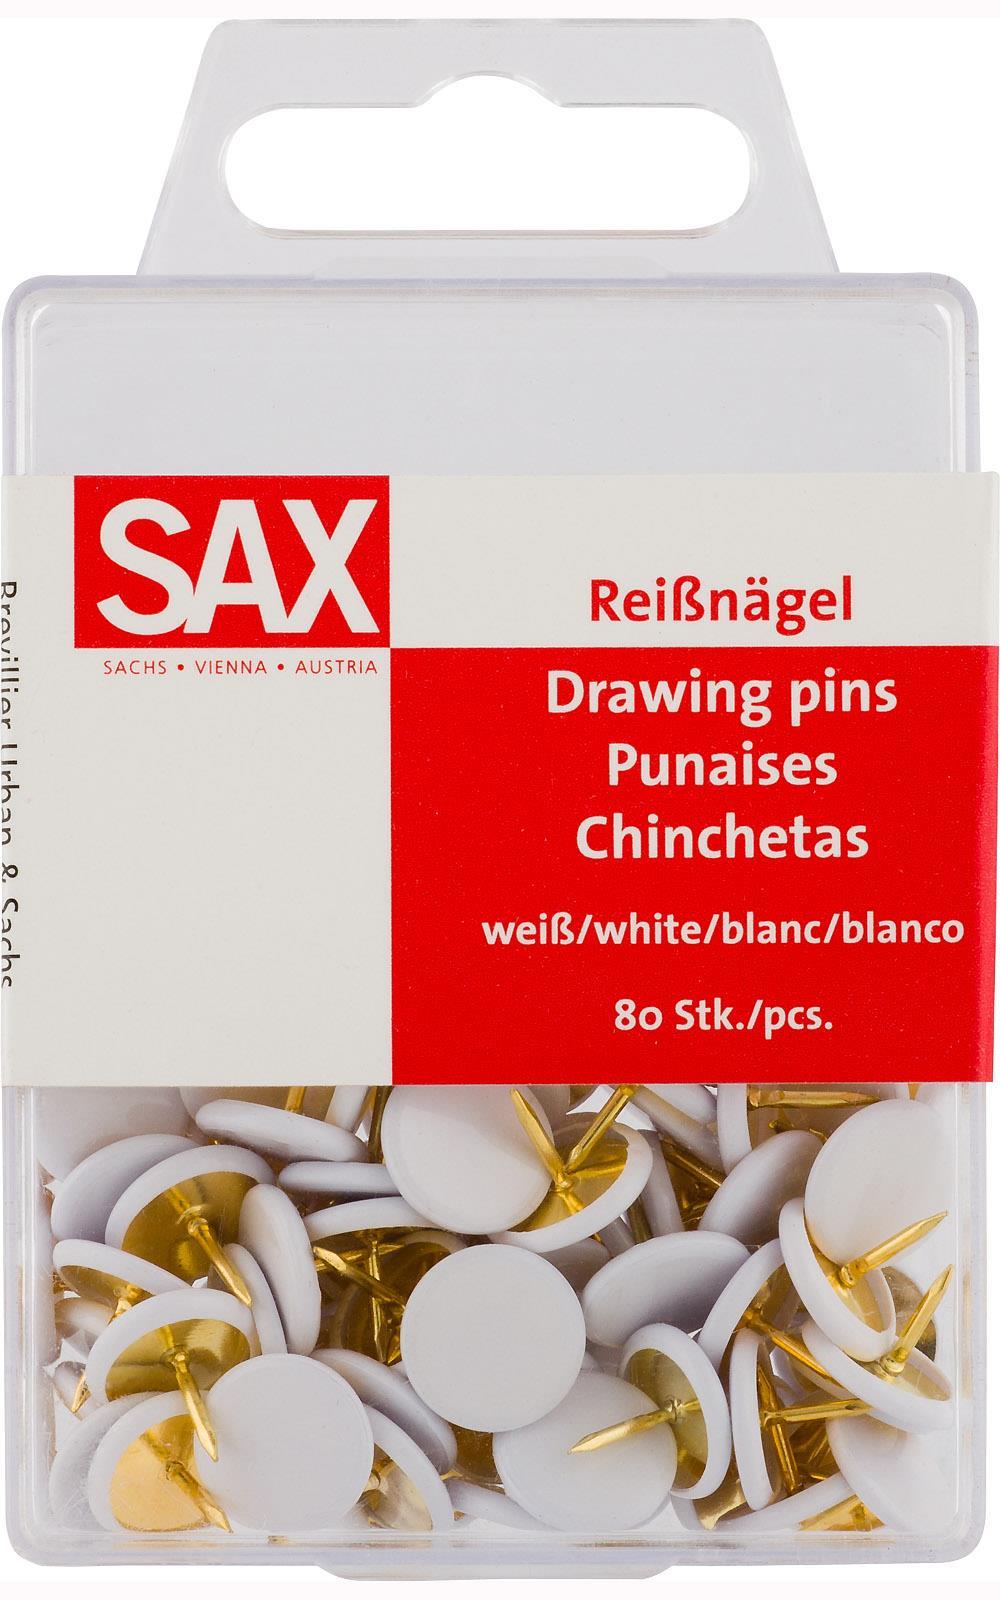 Πινέζες Sax λευκές 80 τεμ